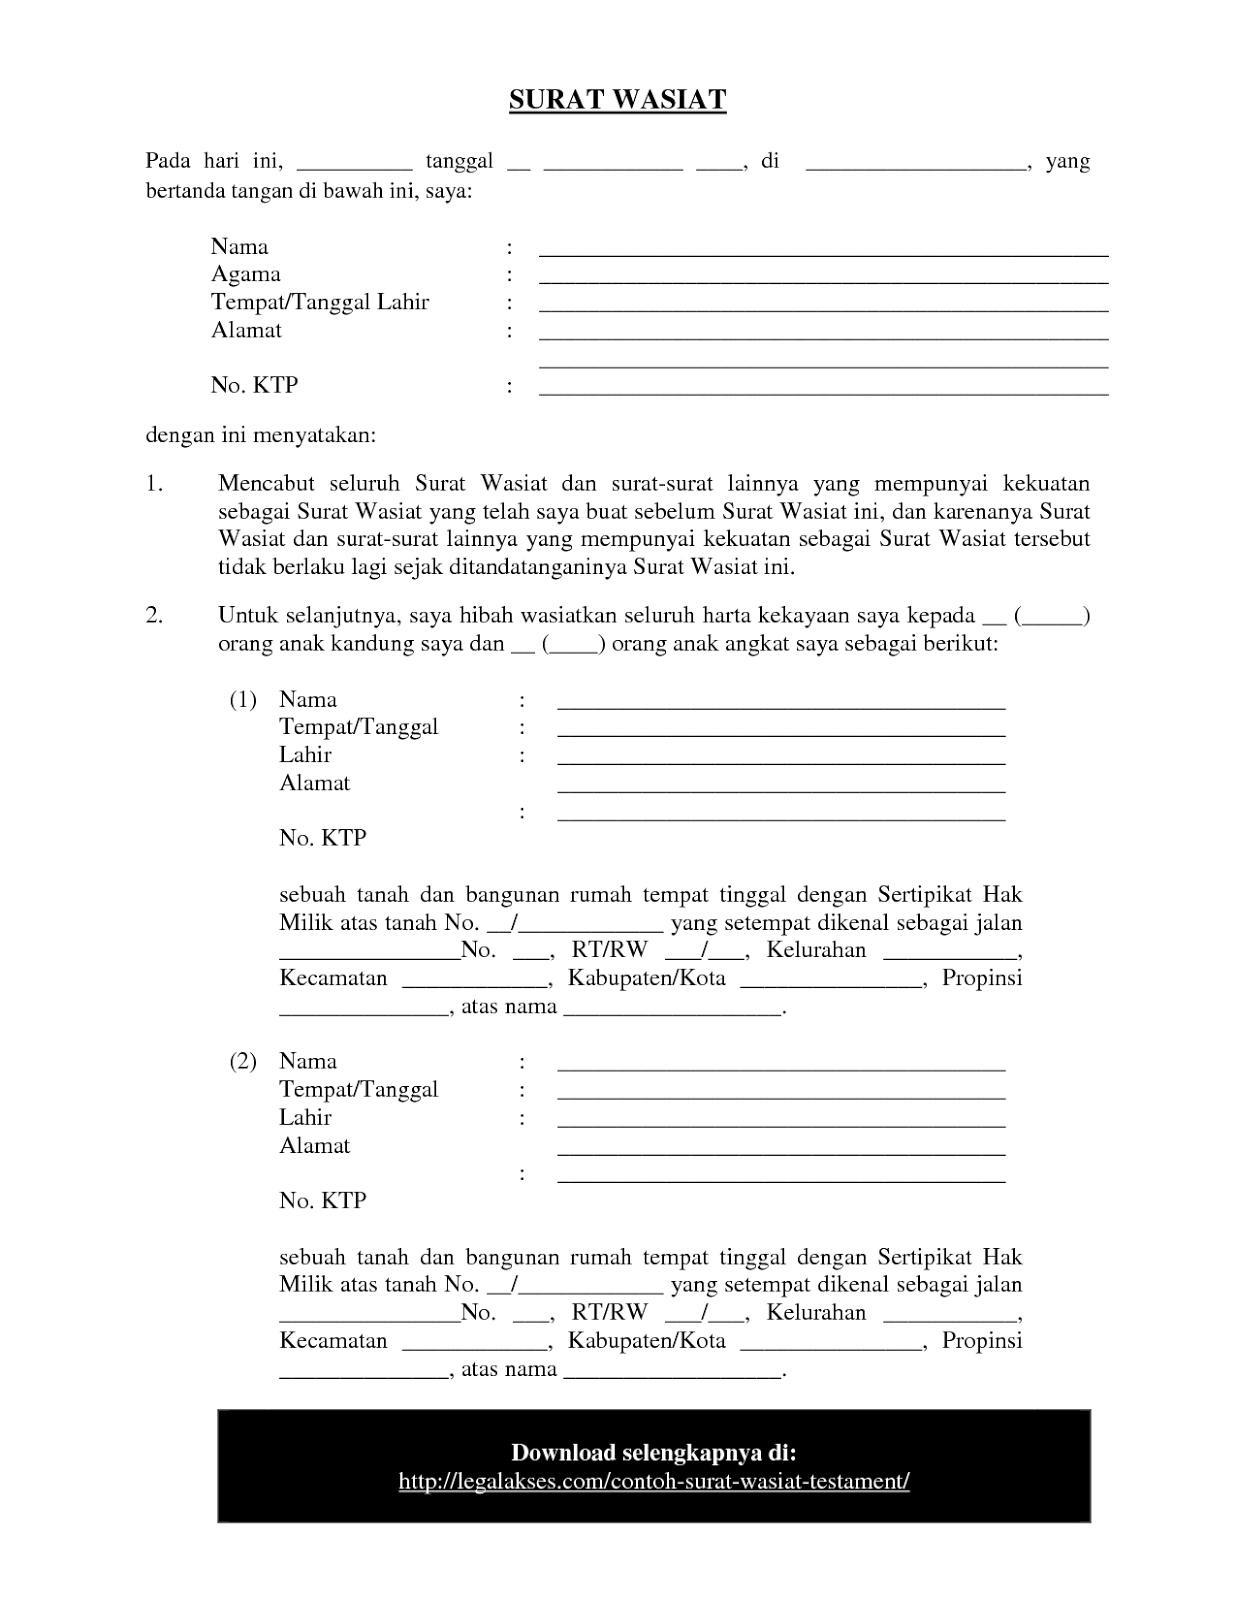 Kumpulan Contoh Surat Wasiat